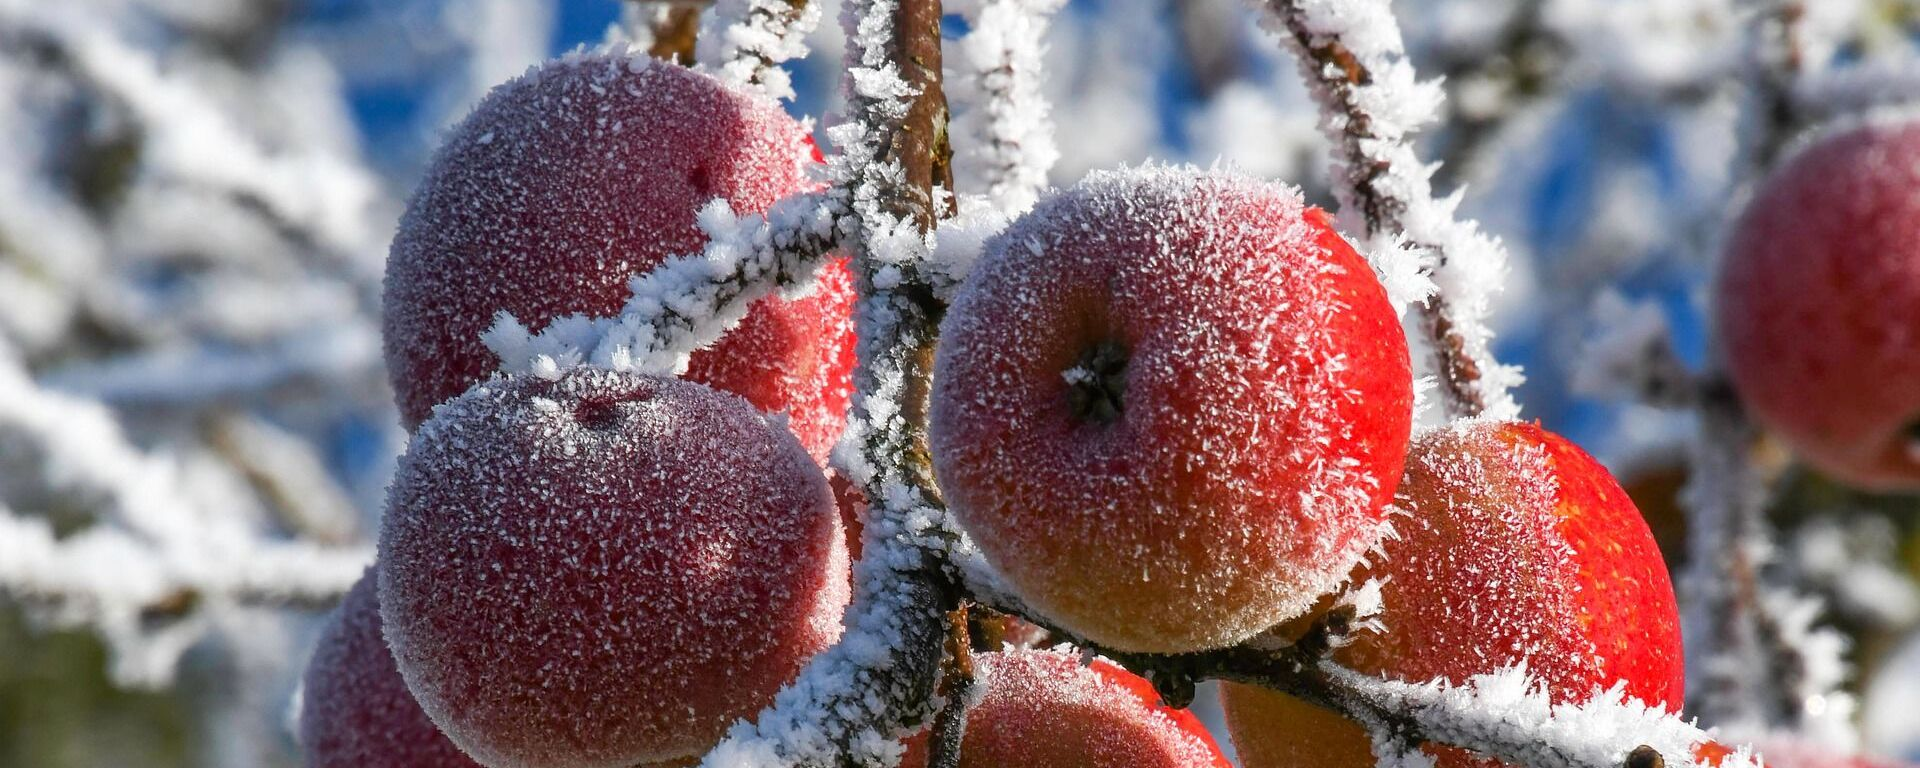 Замерзшие яблоки, архивное фото - Sputnik Тоҷикистон, 1920, 25.02.2021